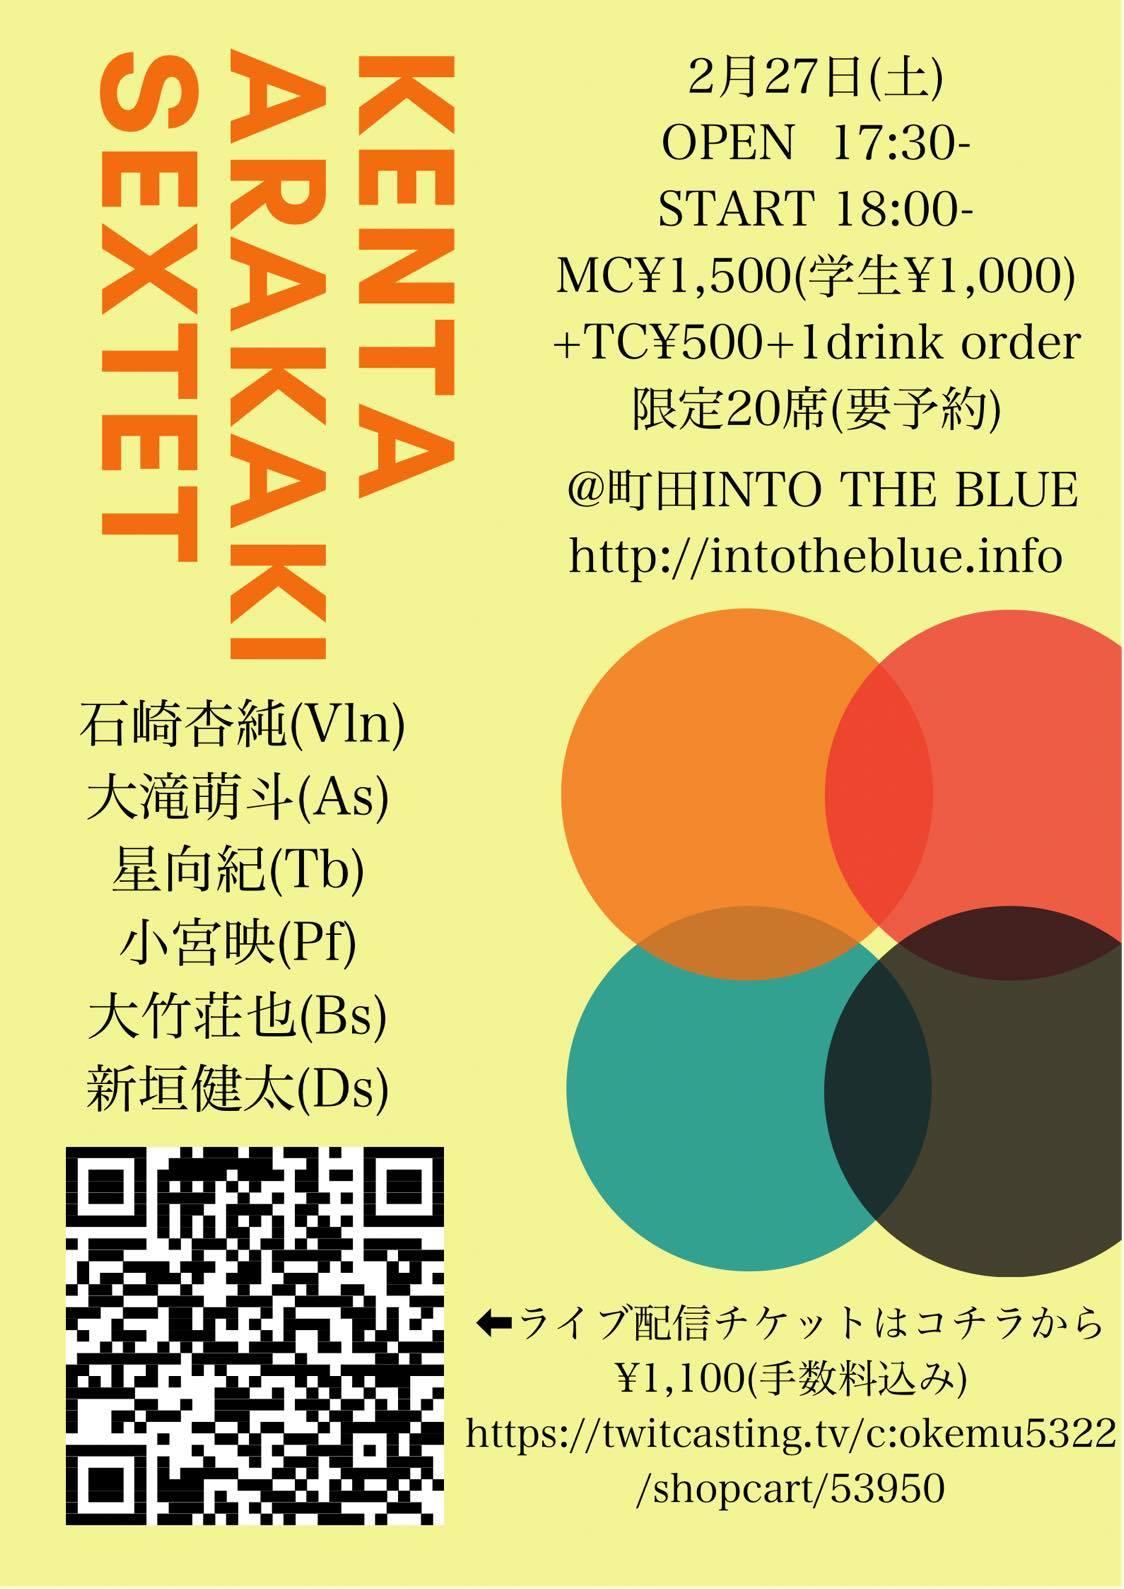 新垣健太0227